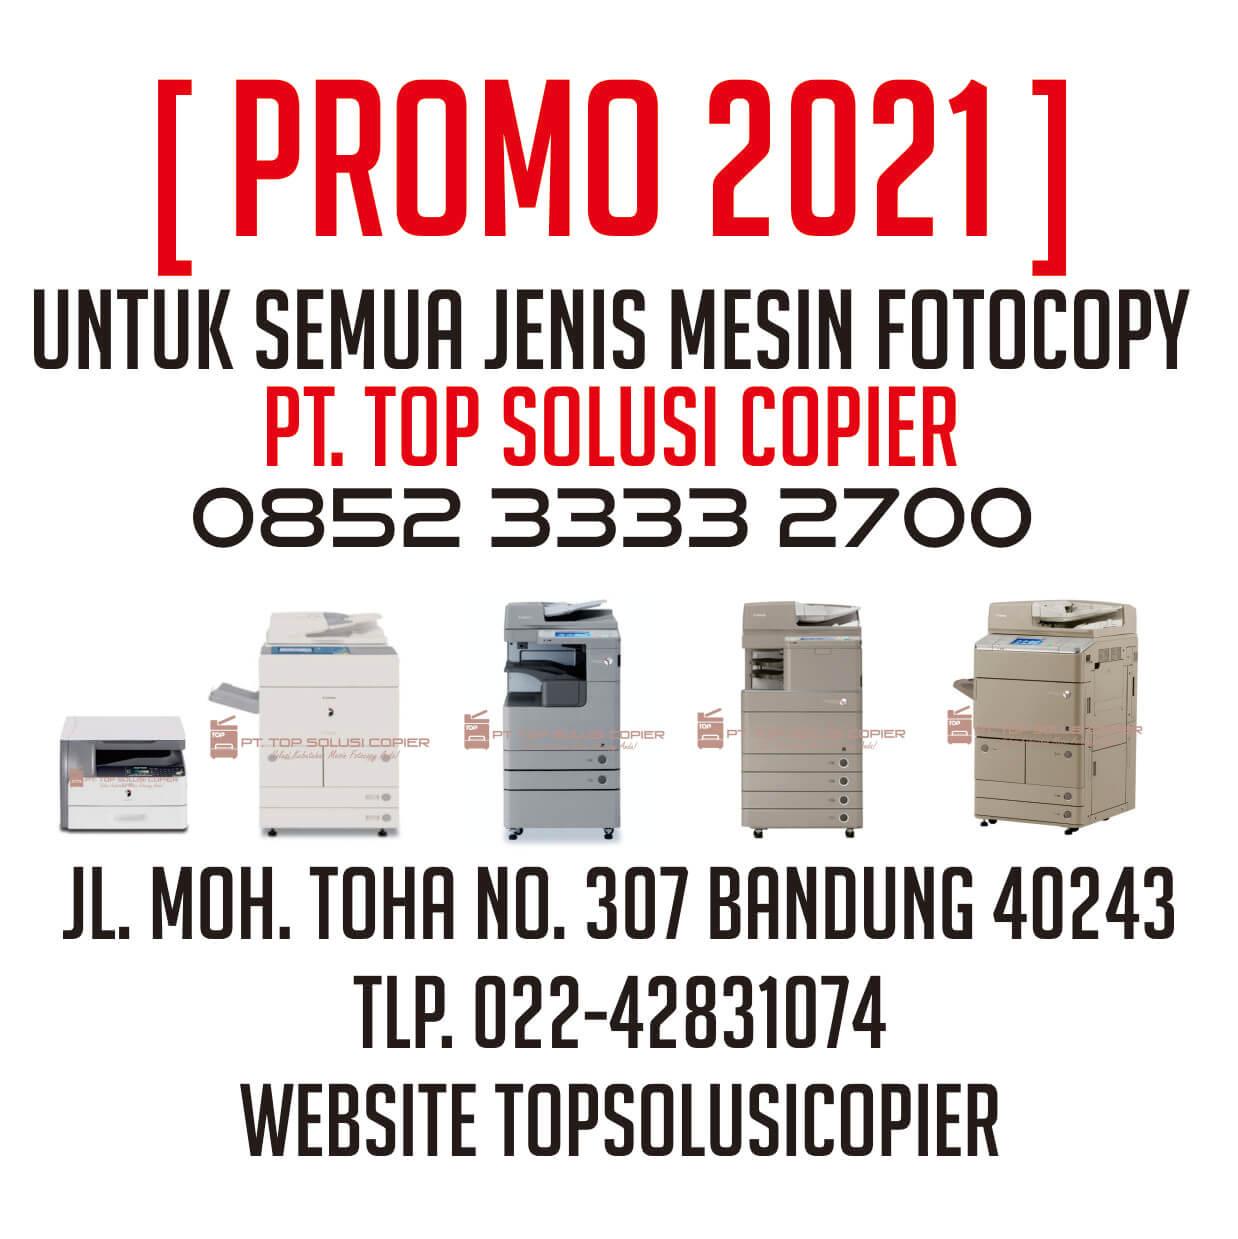 mesin fotocopy cimahi termurah